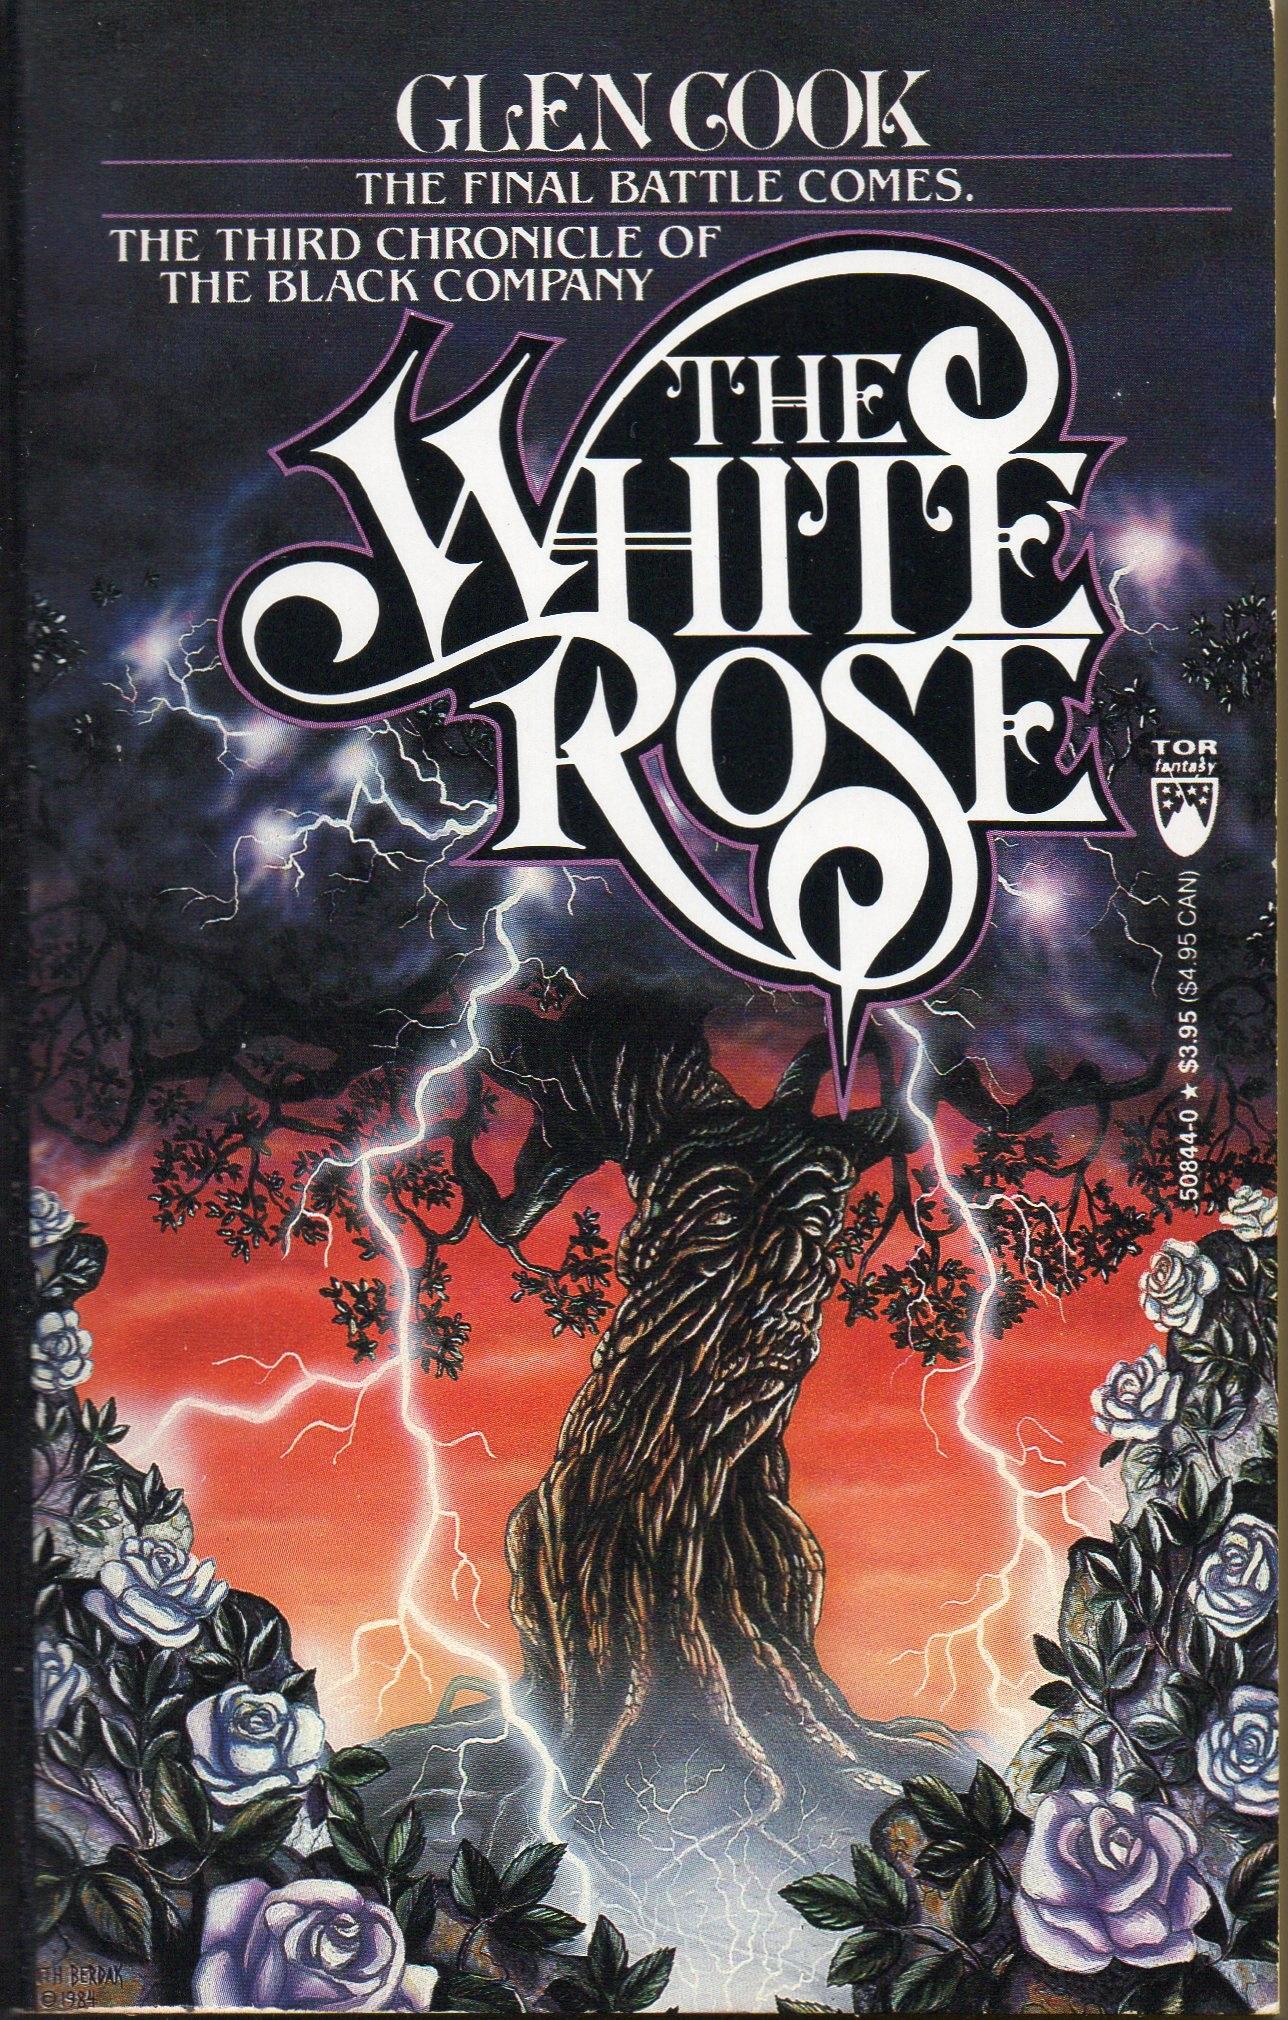 File:White-rose-glen-cook-paperback-cover-art.jpg